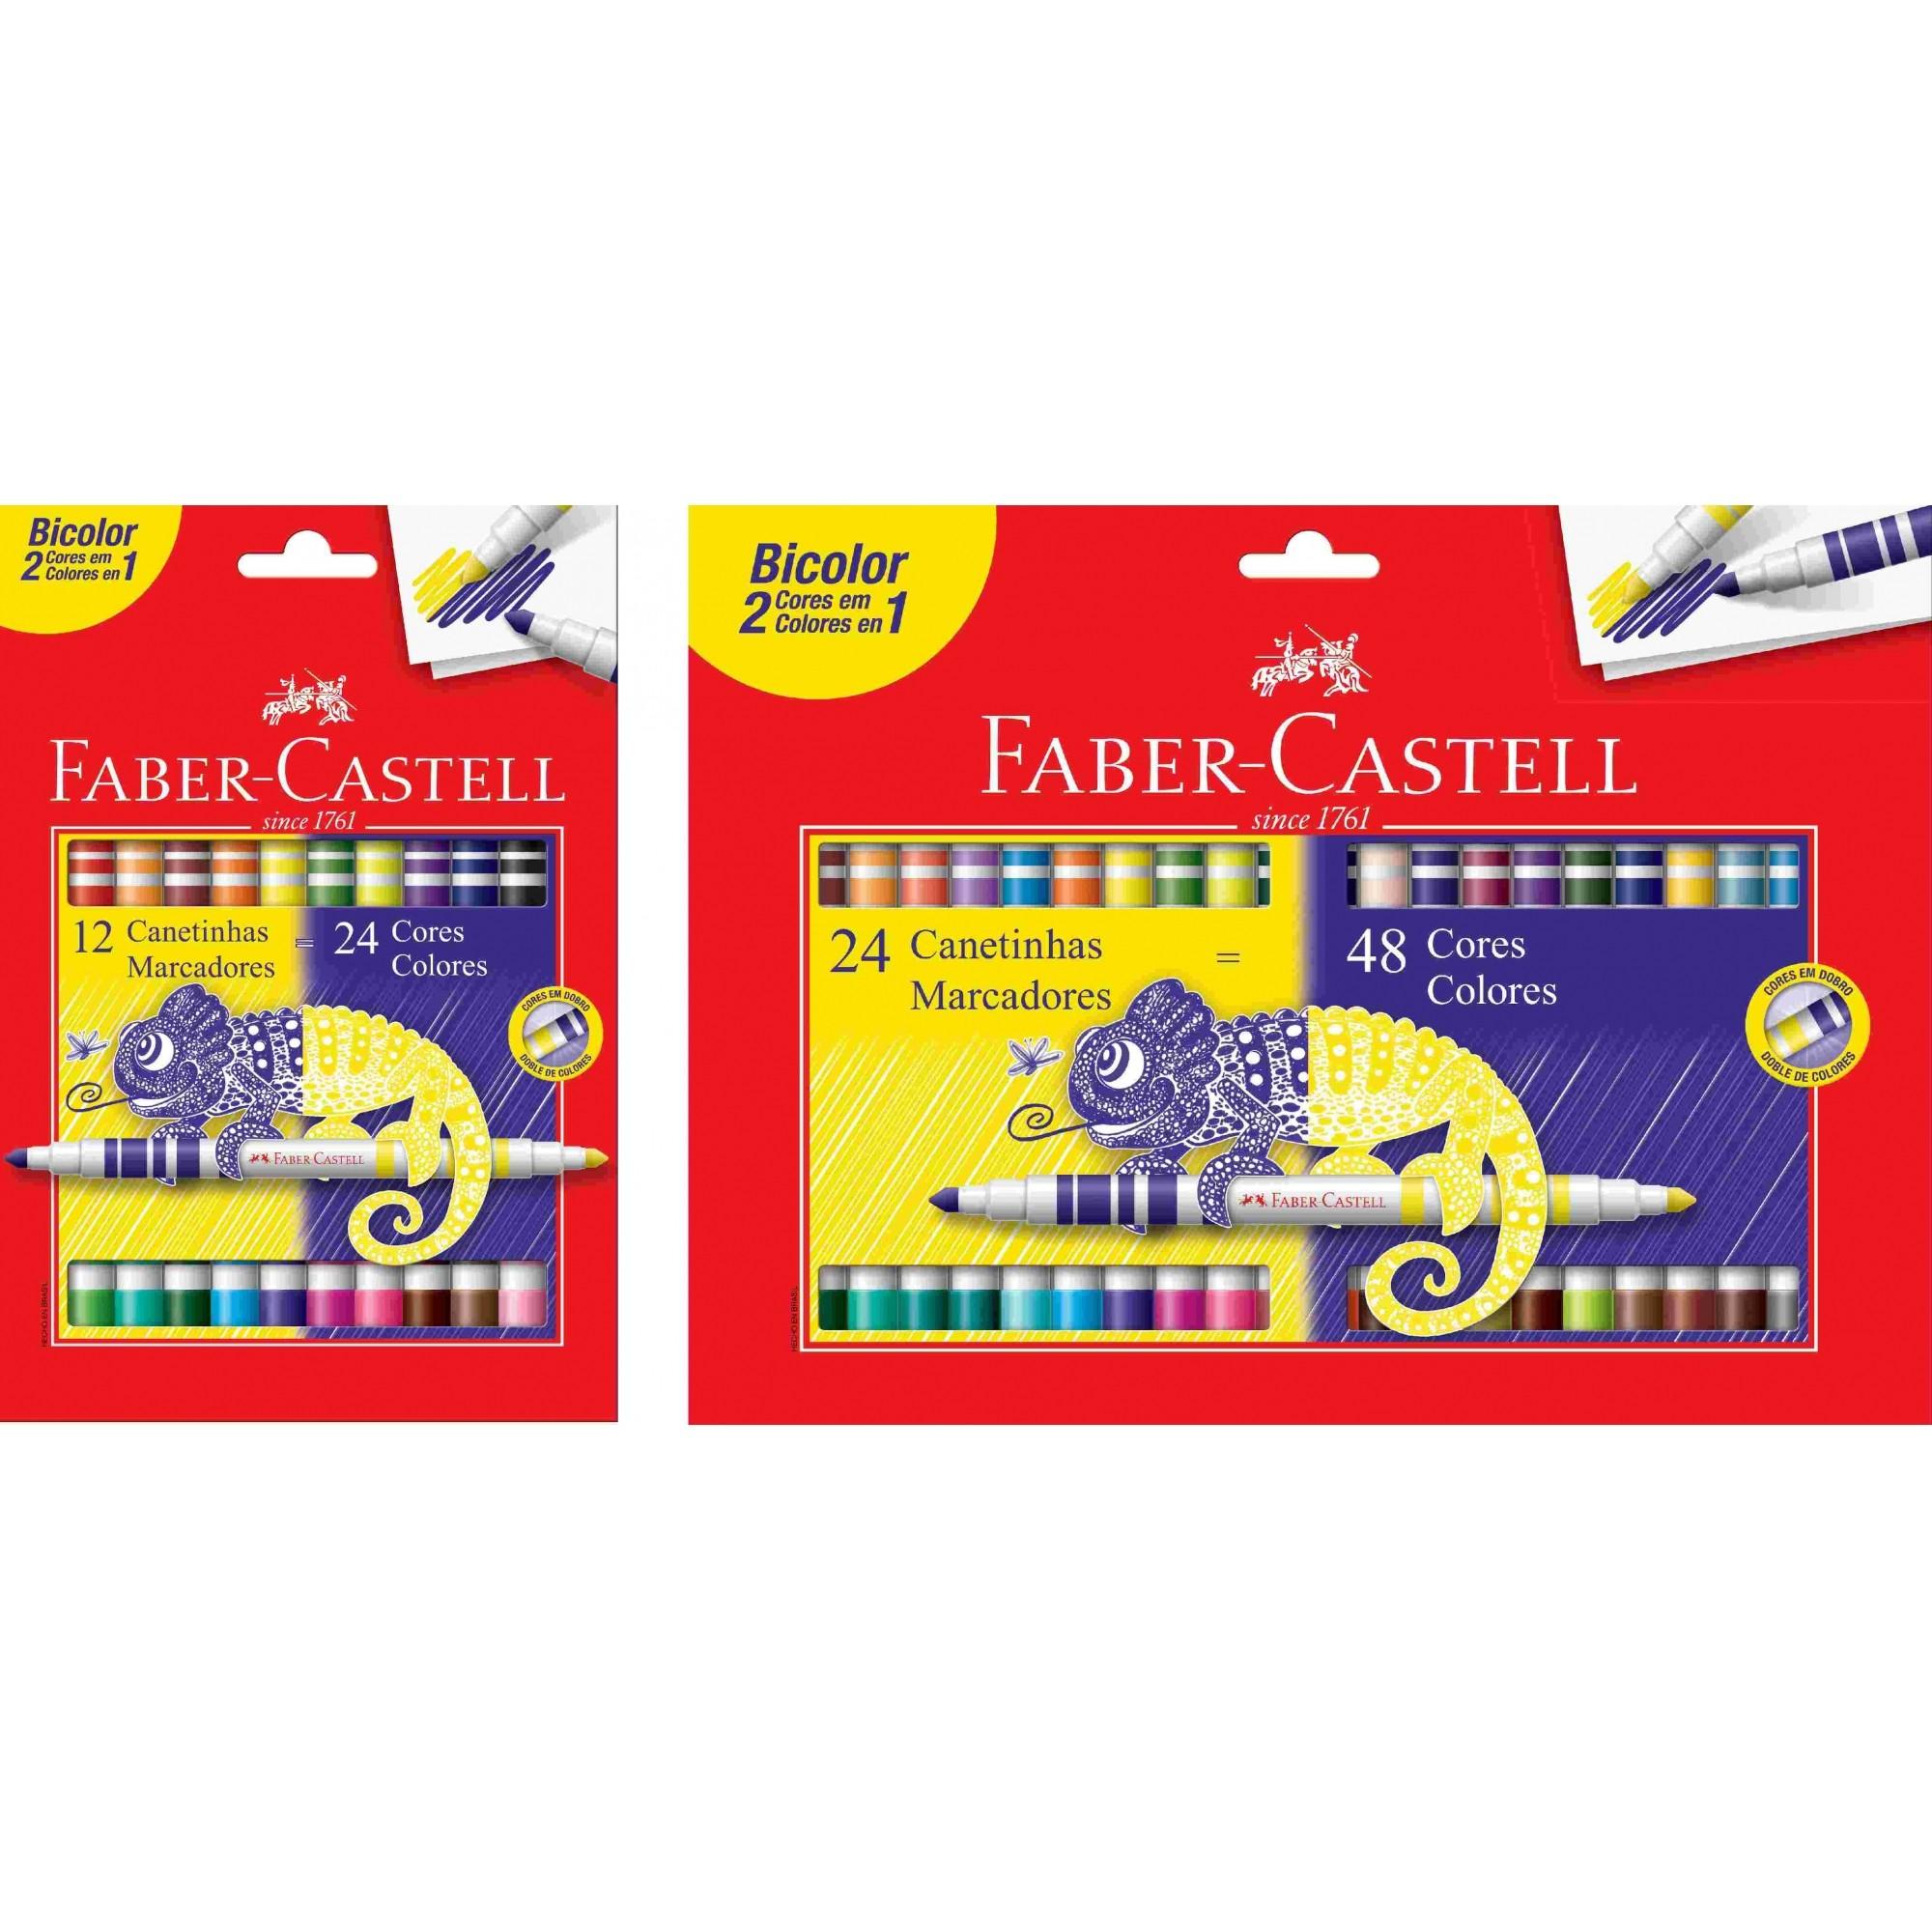 Canetinhas Bicolor Faber Castell